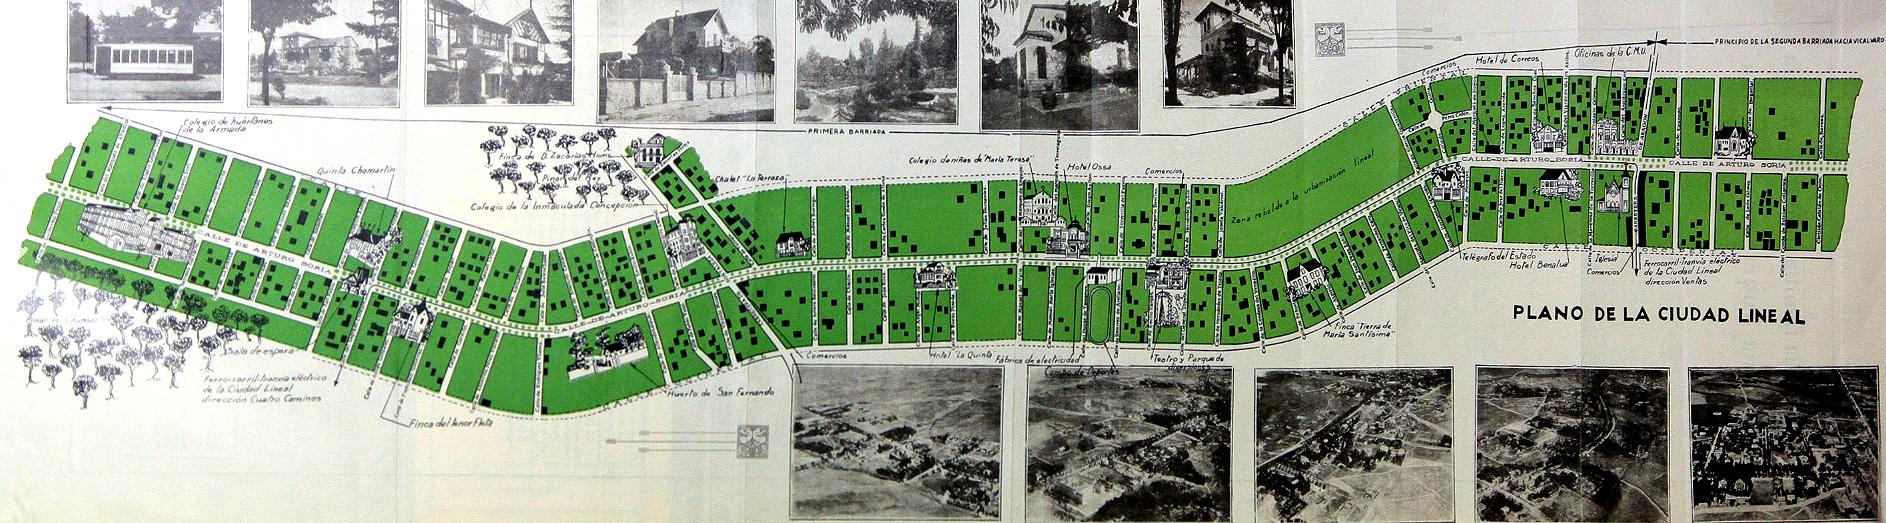 Plano de la Ciudad Lineal. (Foto: Archivo C.M.U)